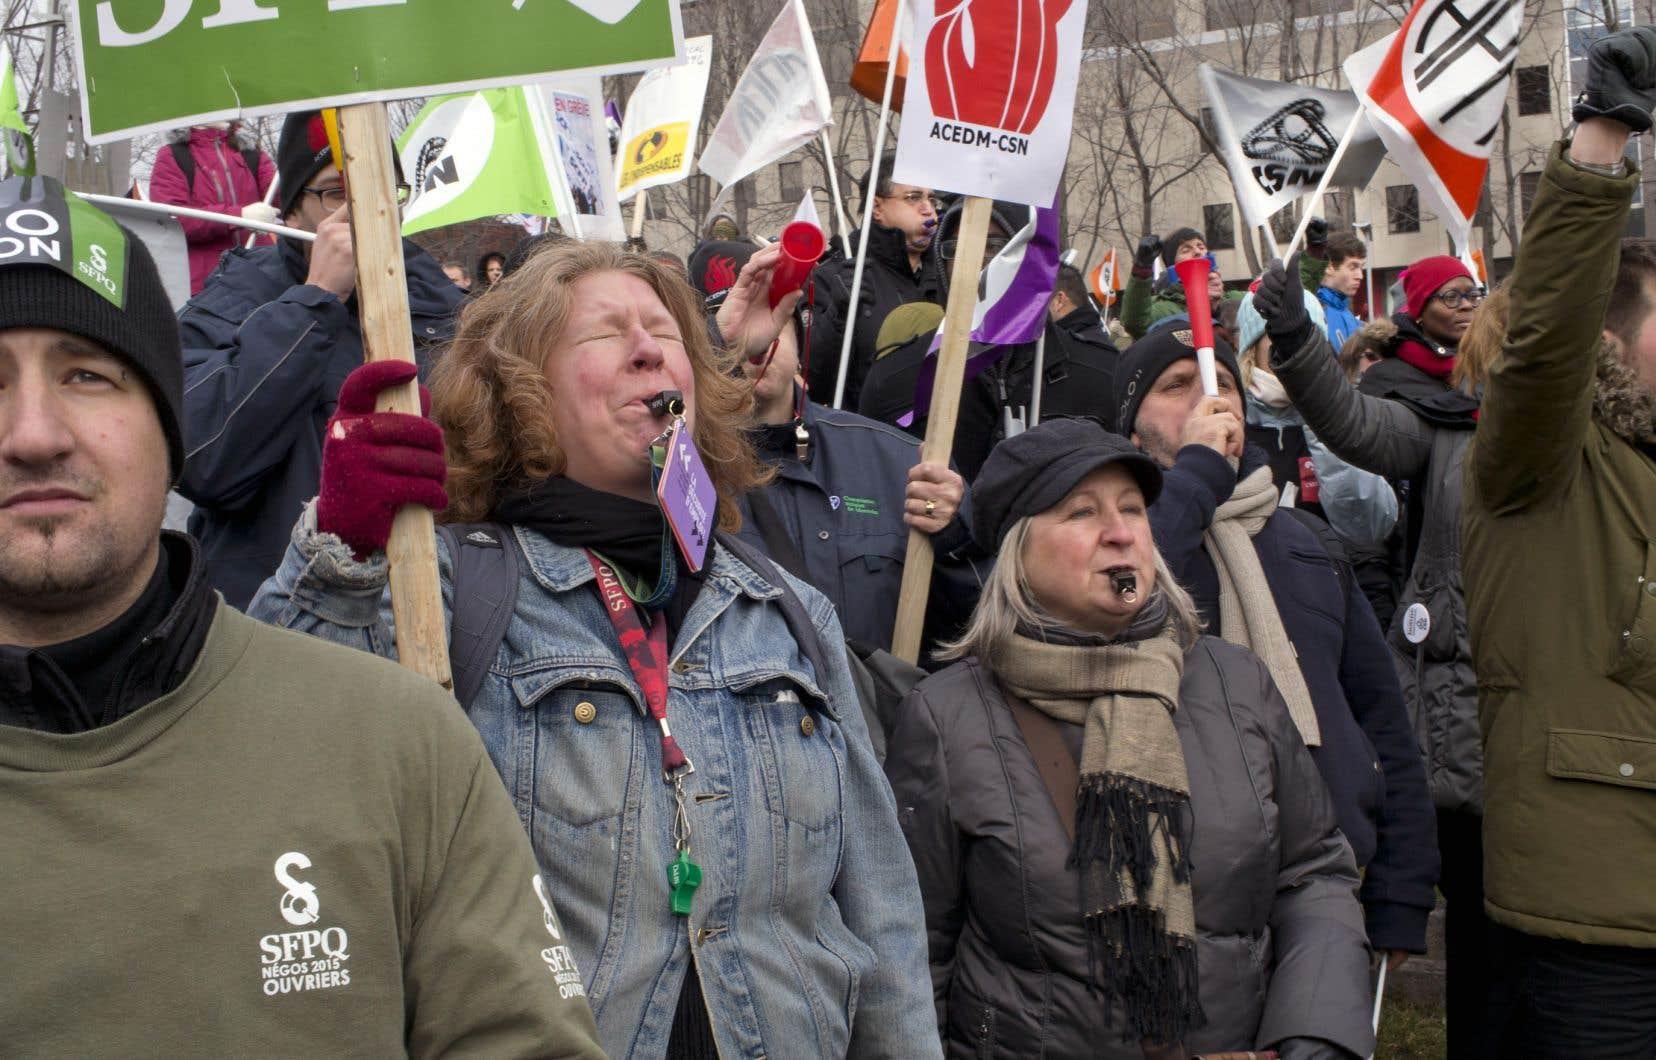 «Nous avons manqué ces dernières années de belles occasions de faire reculer la droite et ses politiques d'austérité, et de mettre en avant un autre projet de société. Je pense à la lutte du Front commun en 2015 [notre photo], alors que nous avions le vent dans les voiles, et à l'échec plus récent d'une alliance électorale entre Québec solidaire et le Parti québécois», écrit l'auteur.